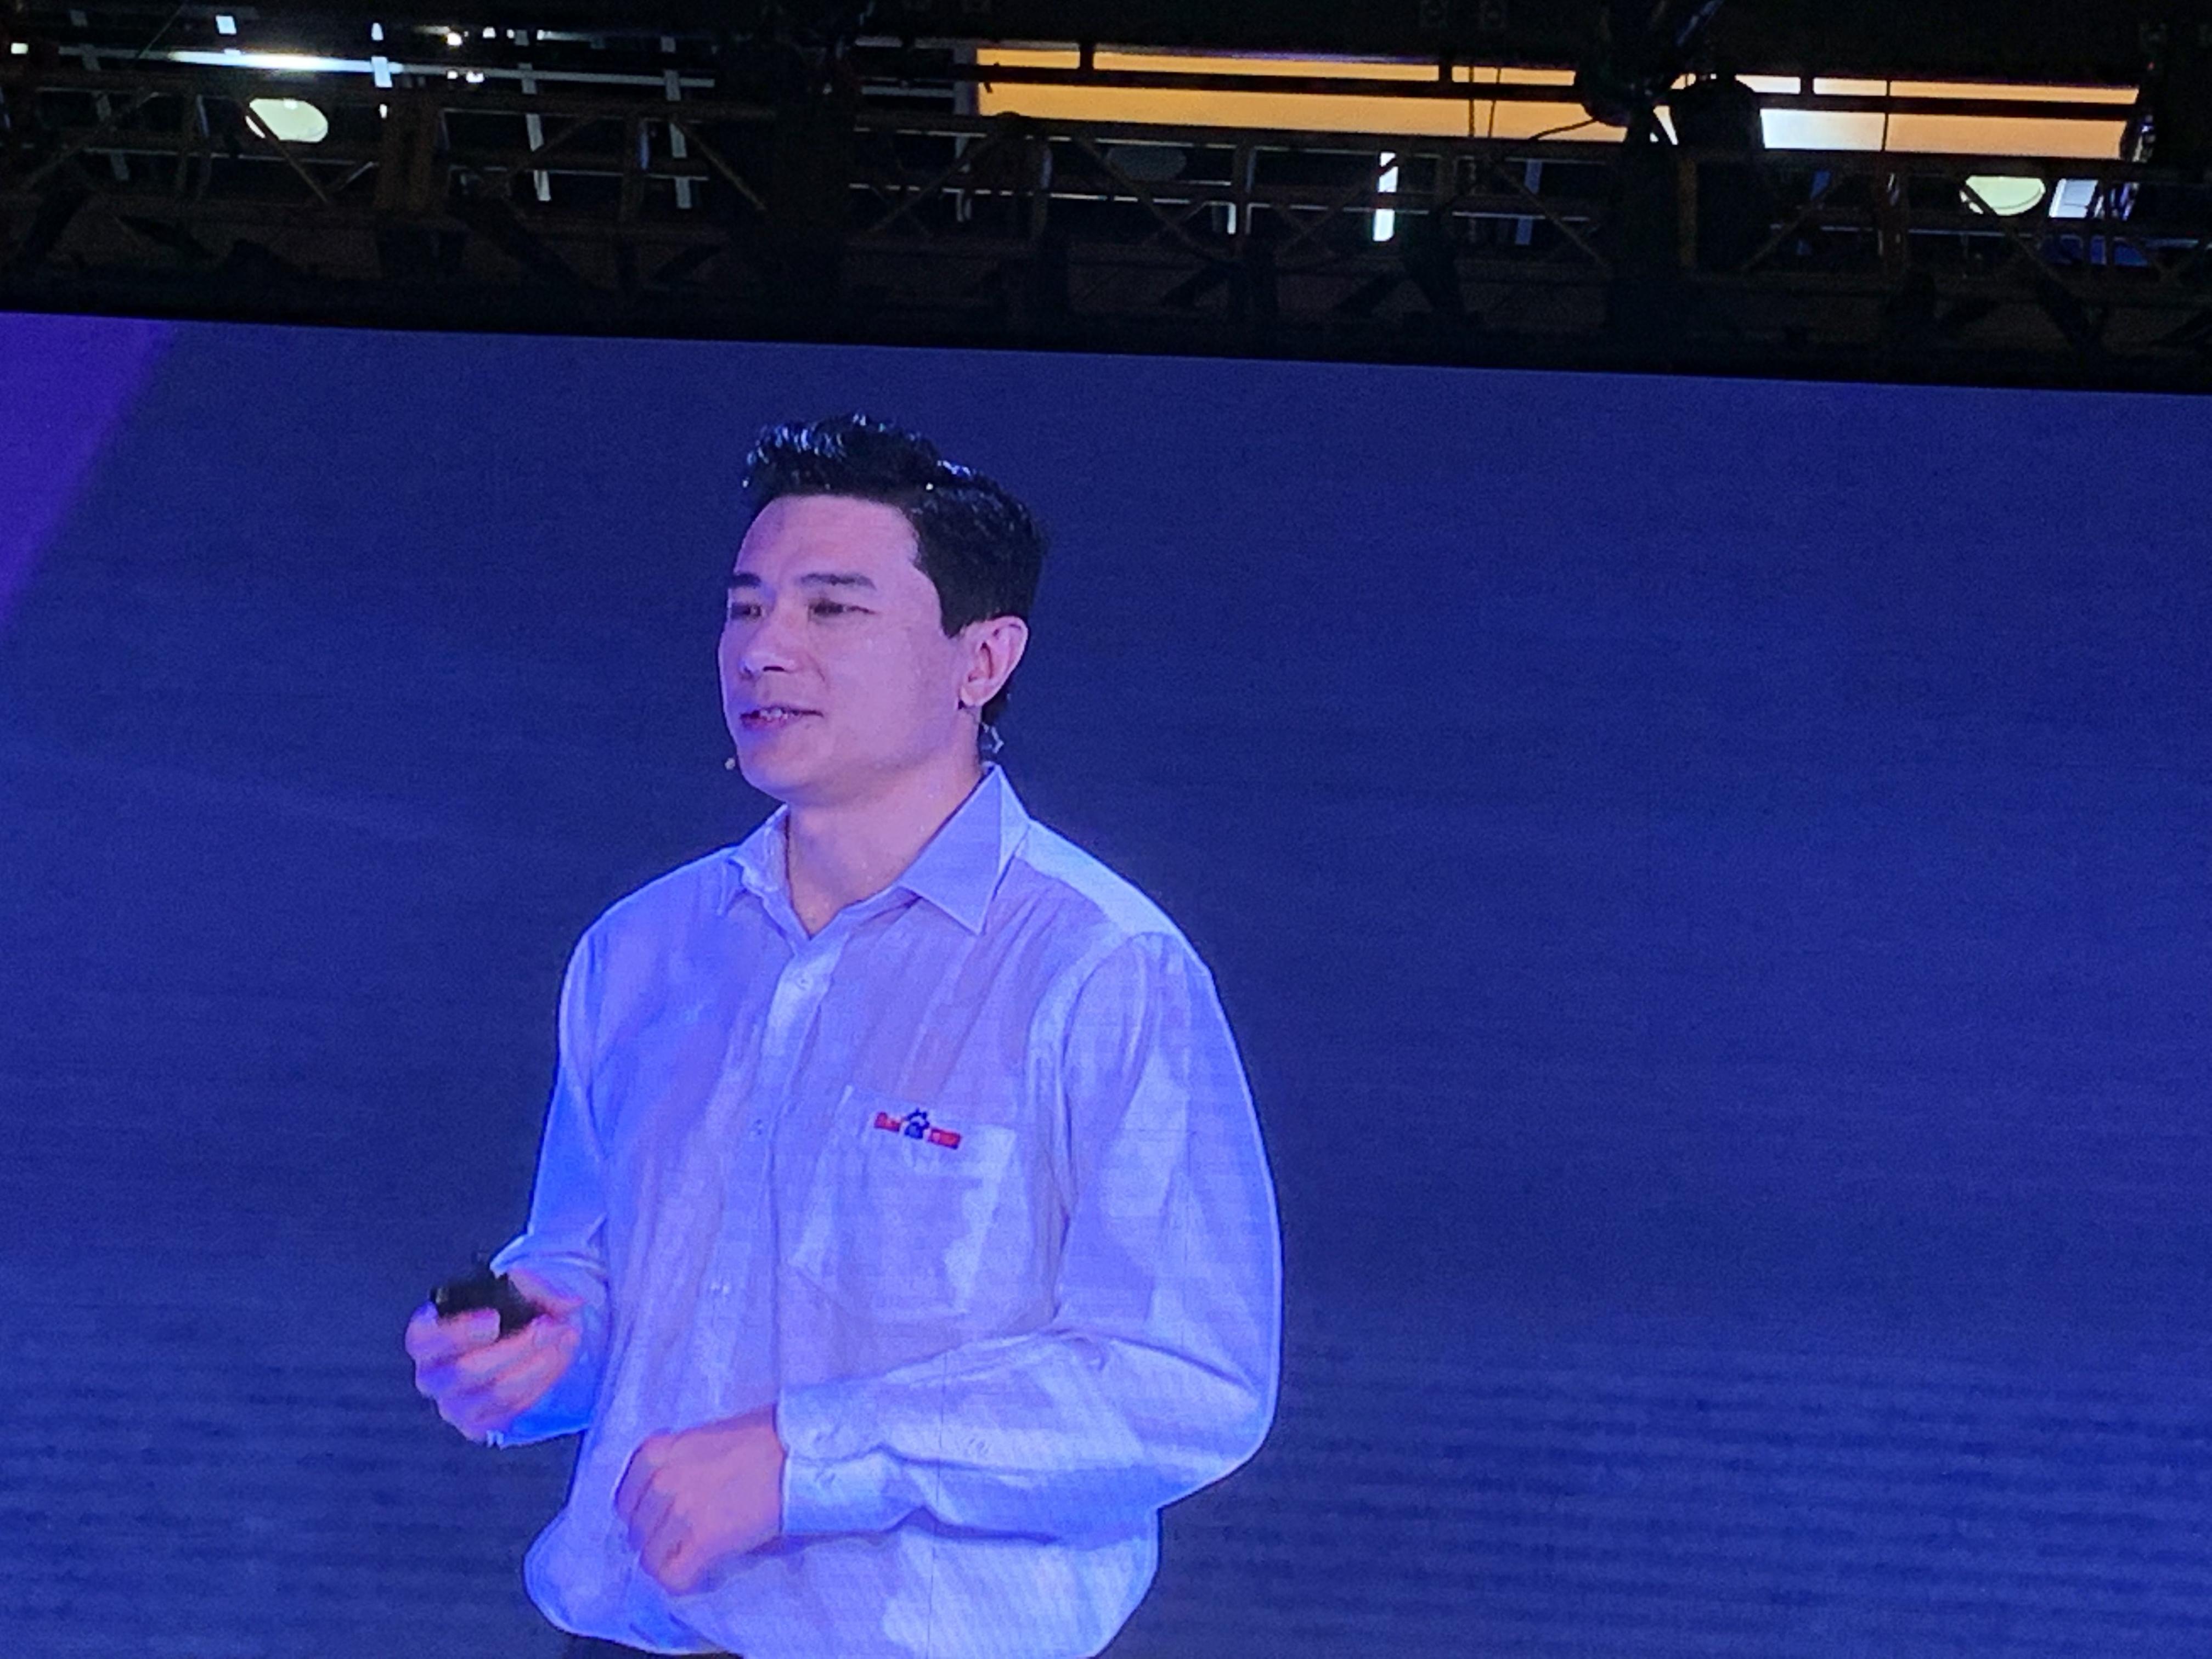 百度AI开发者大会 李彦宏被泼水图片 第1张